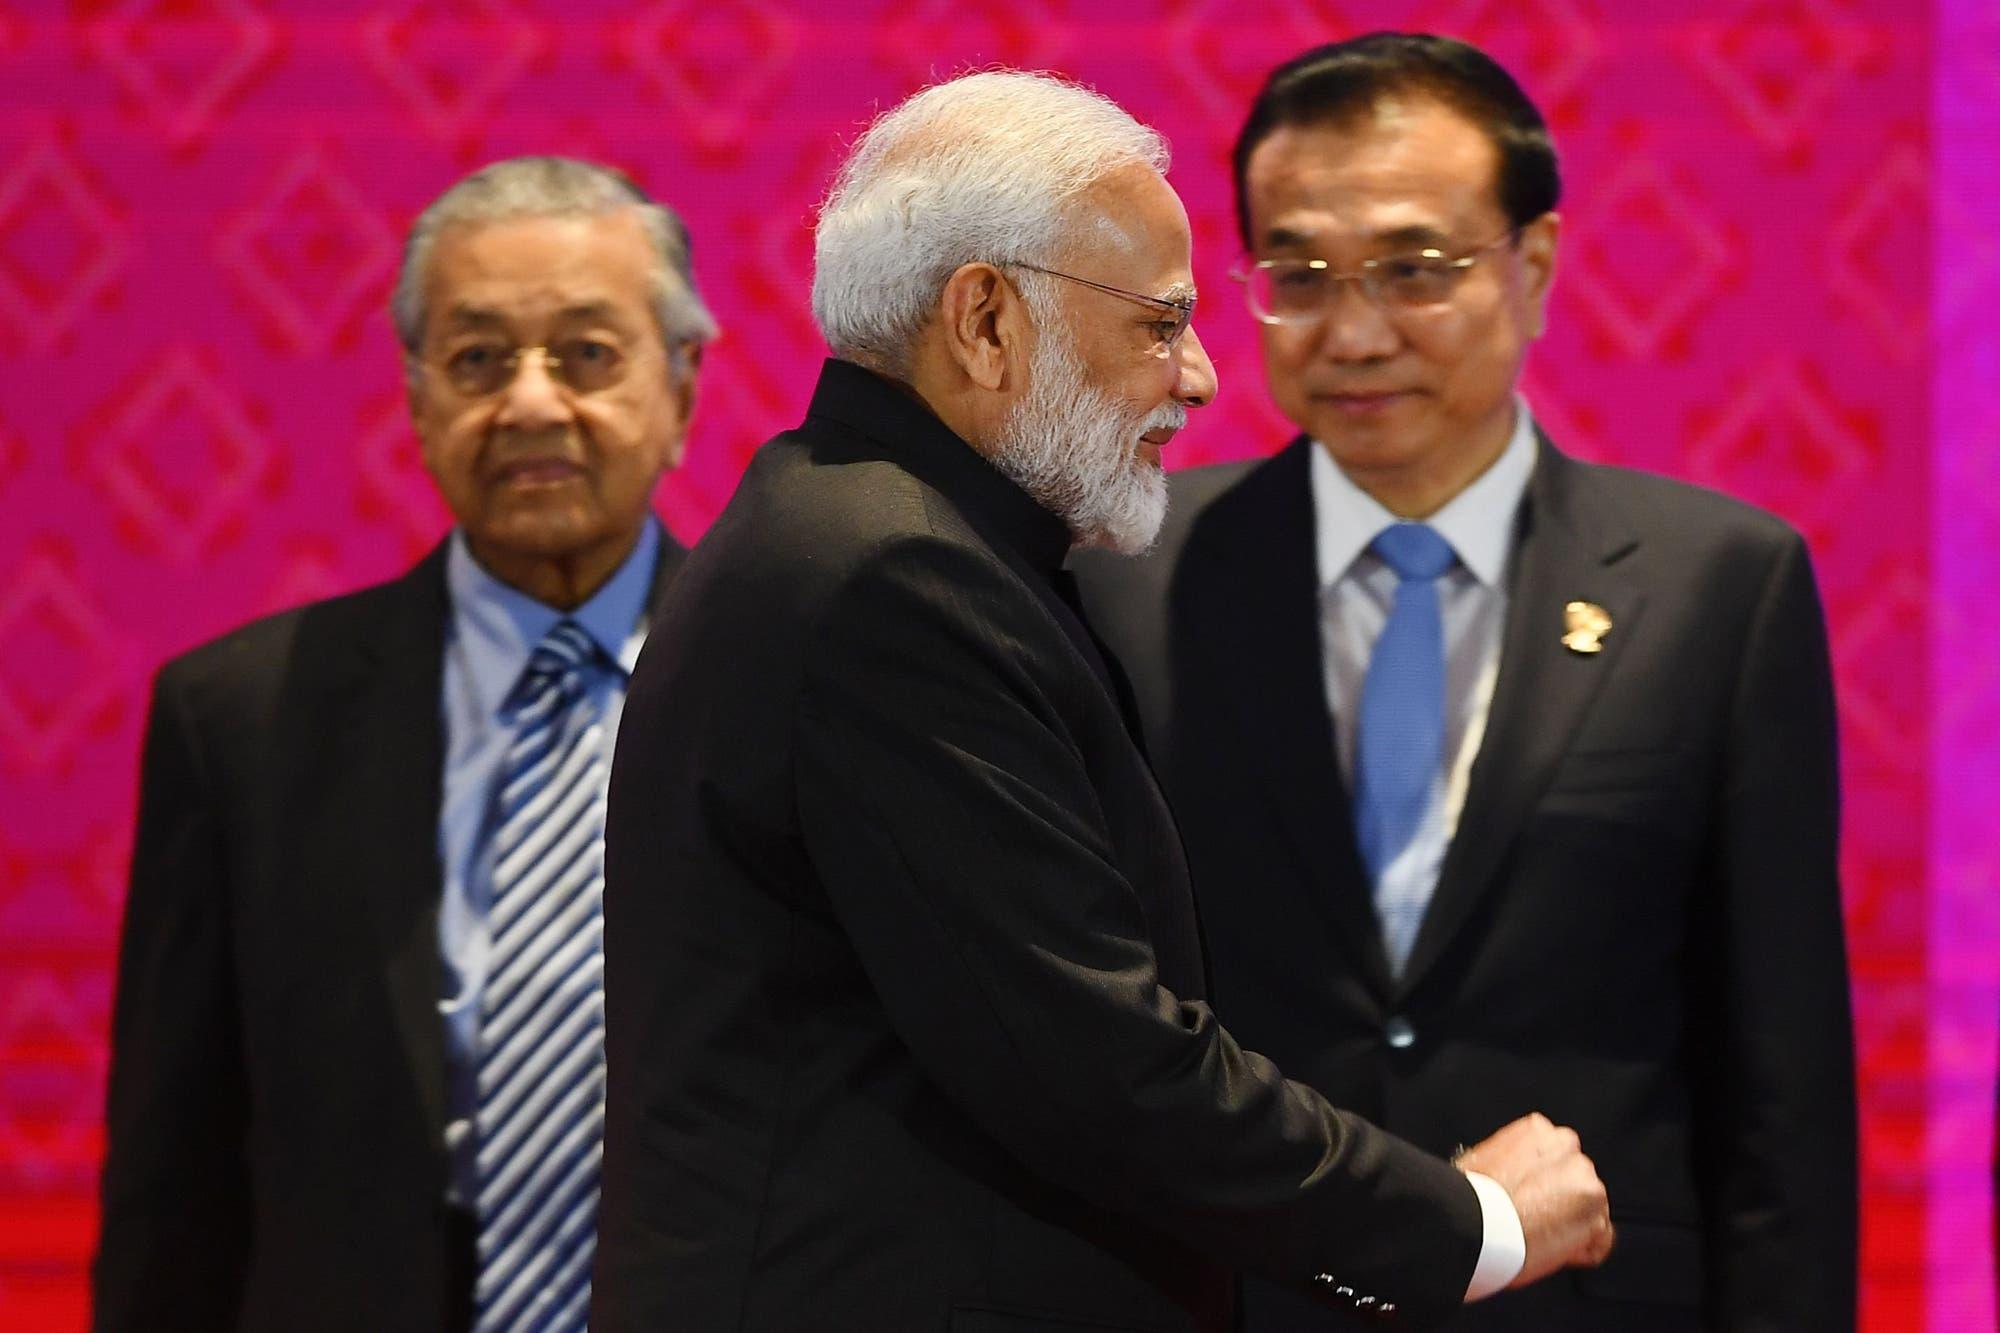 Cumbre de Asia. India rechaza un gran acuerdo comercial